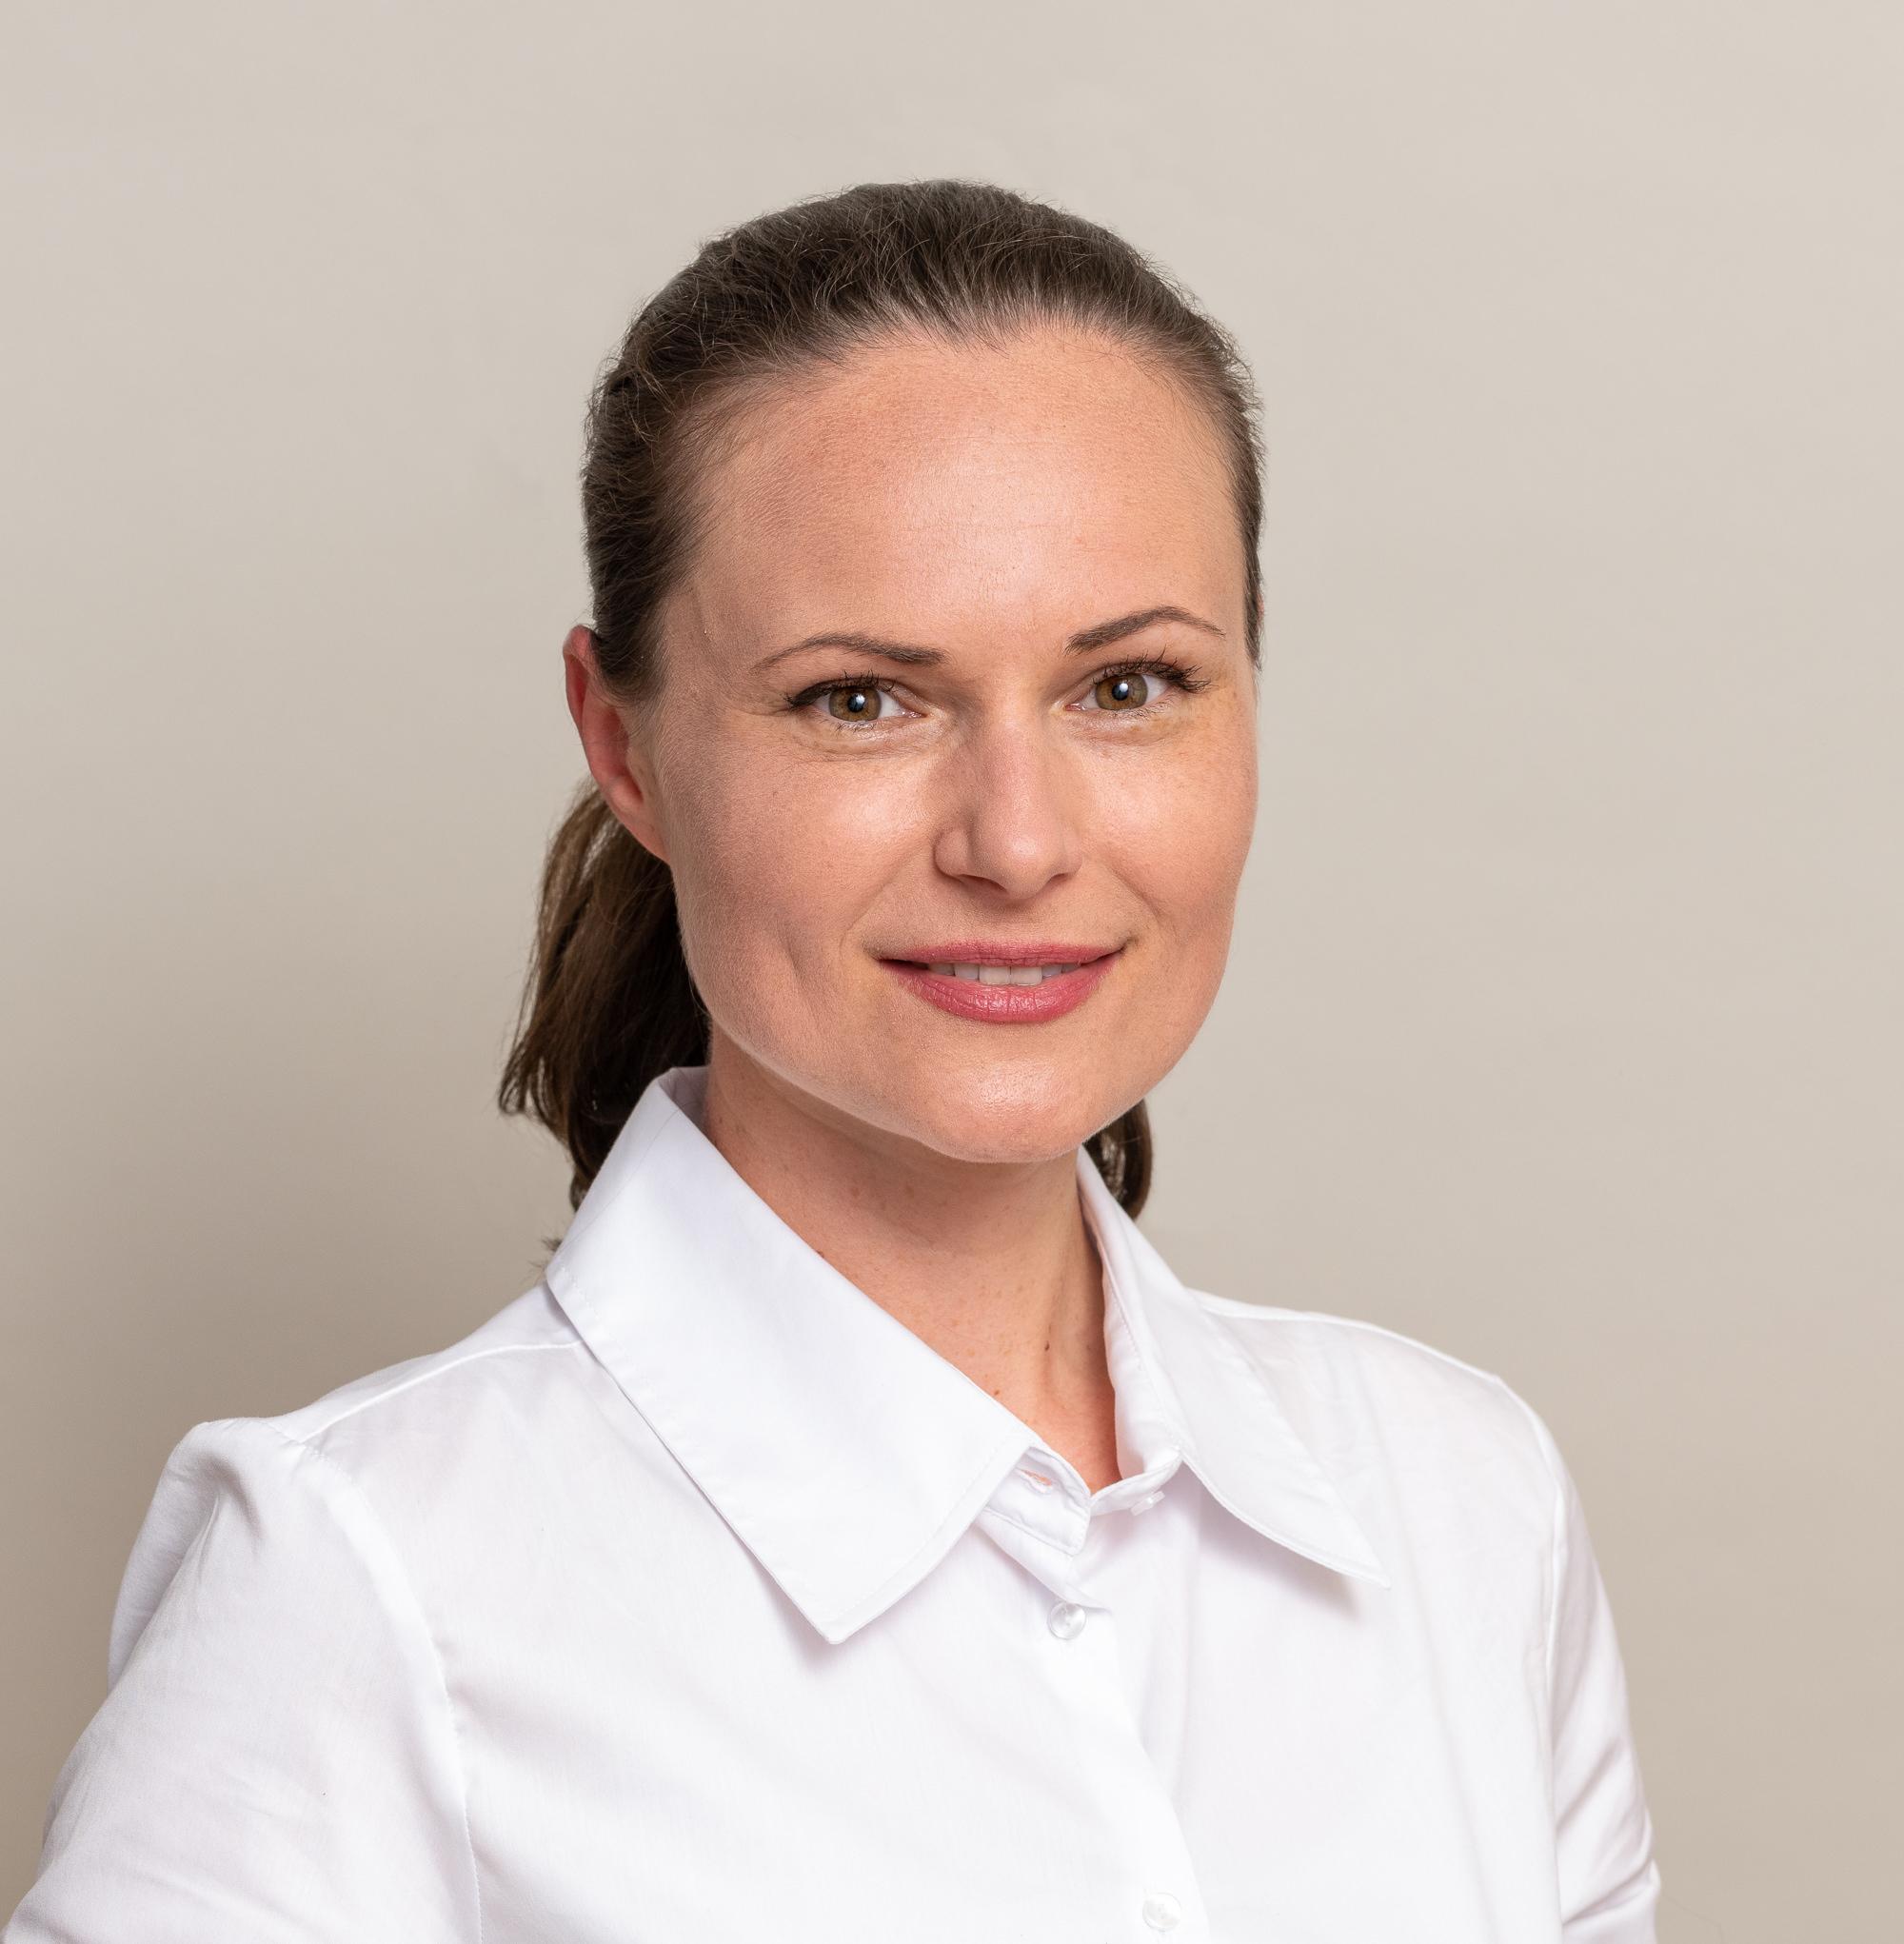 Viktoriya Moskova